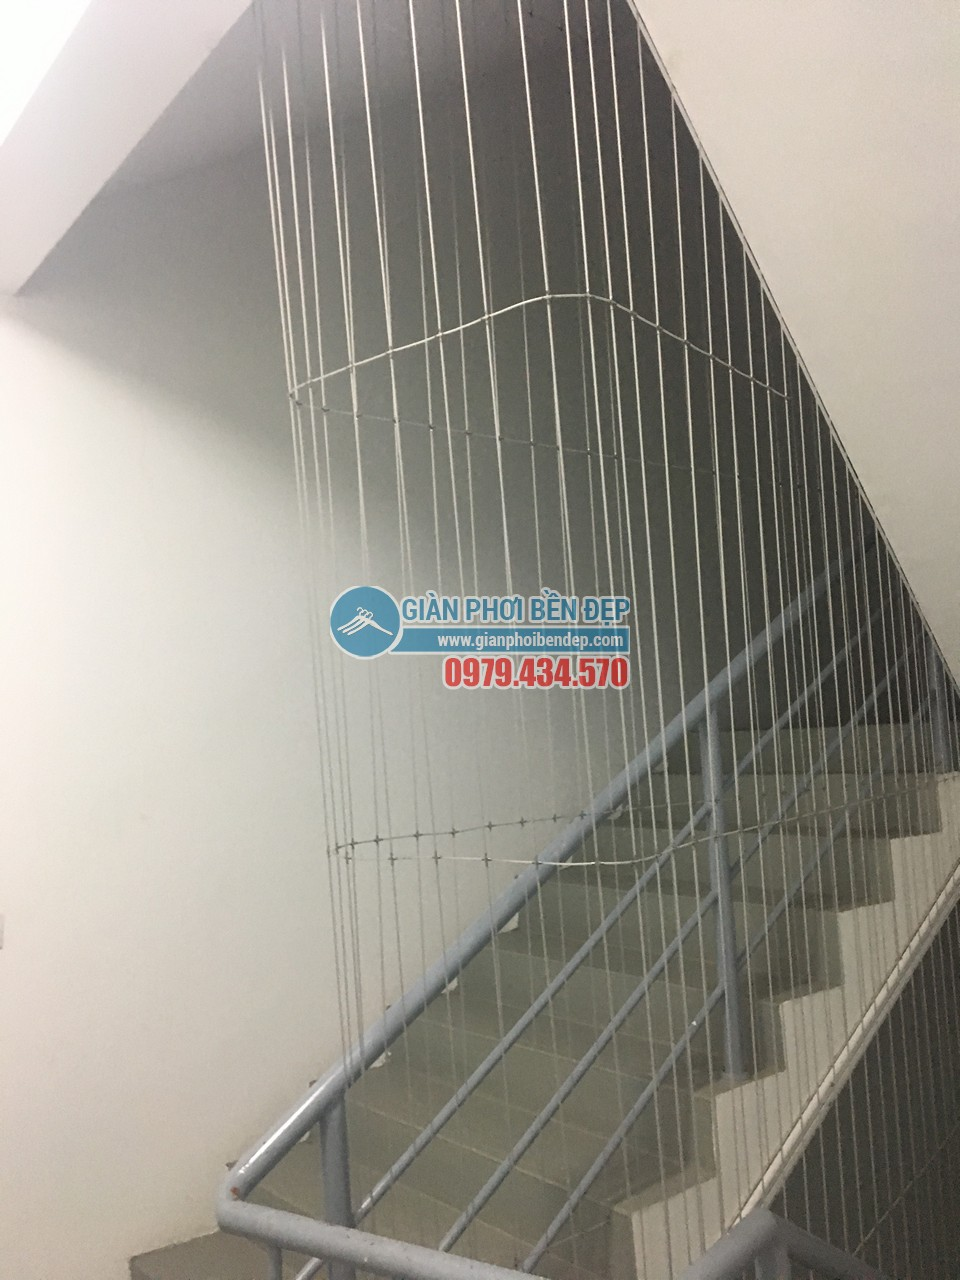 Hoàn thiện lắp đặt lưới an toàn cho cầu thang bộ tòa CT8A Dương Nội, Hà Đông - 04